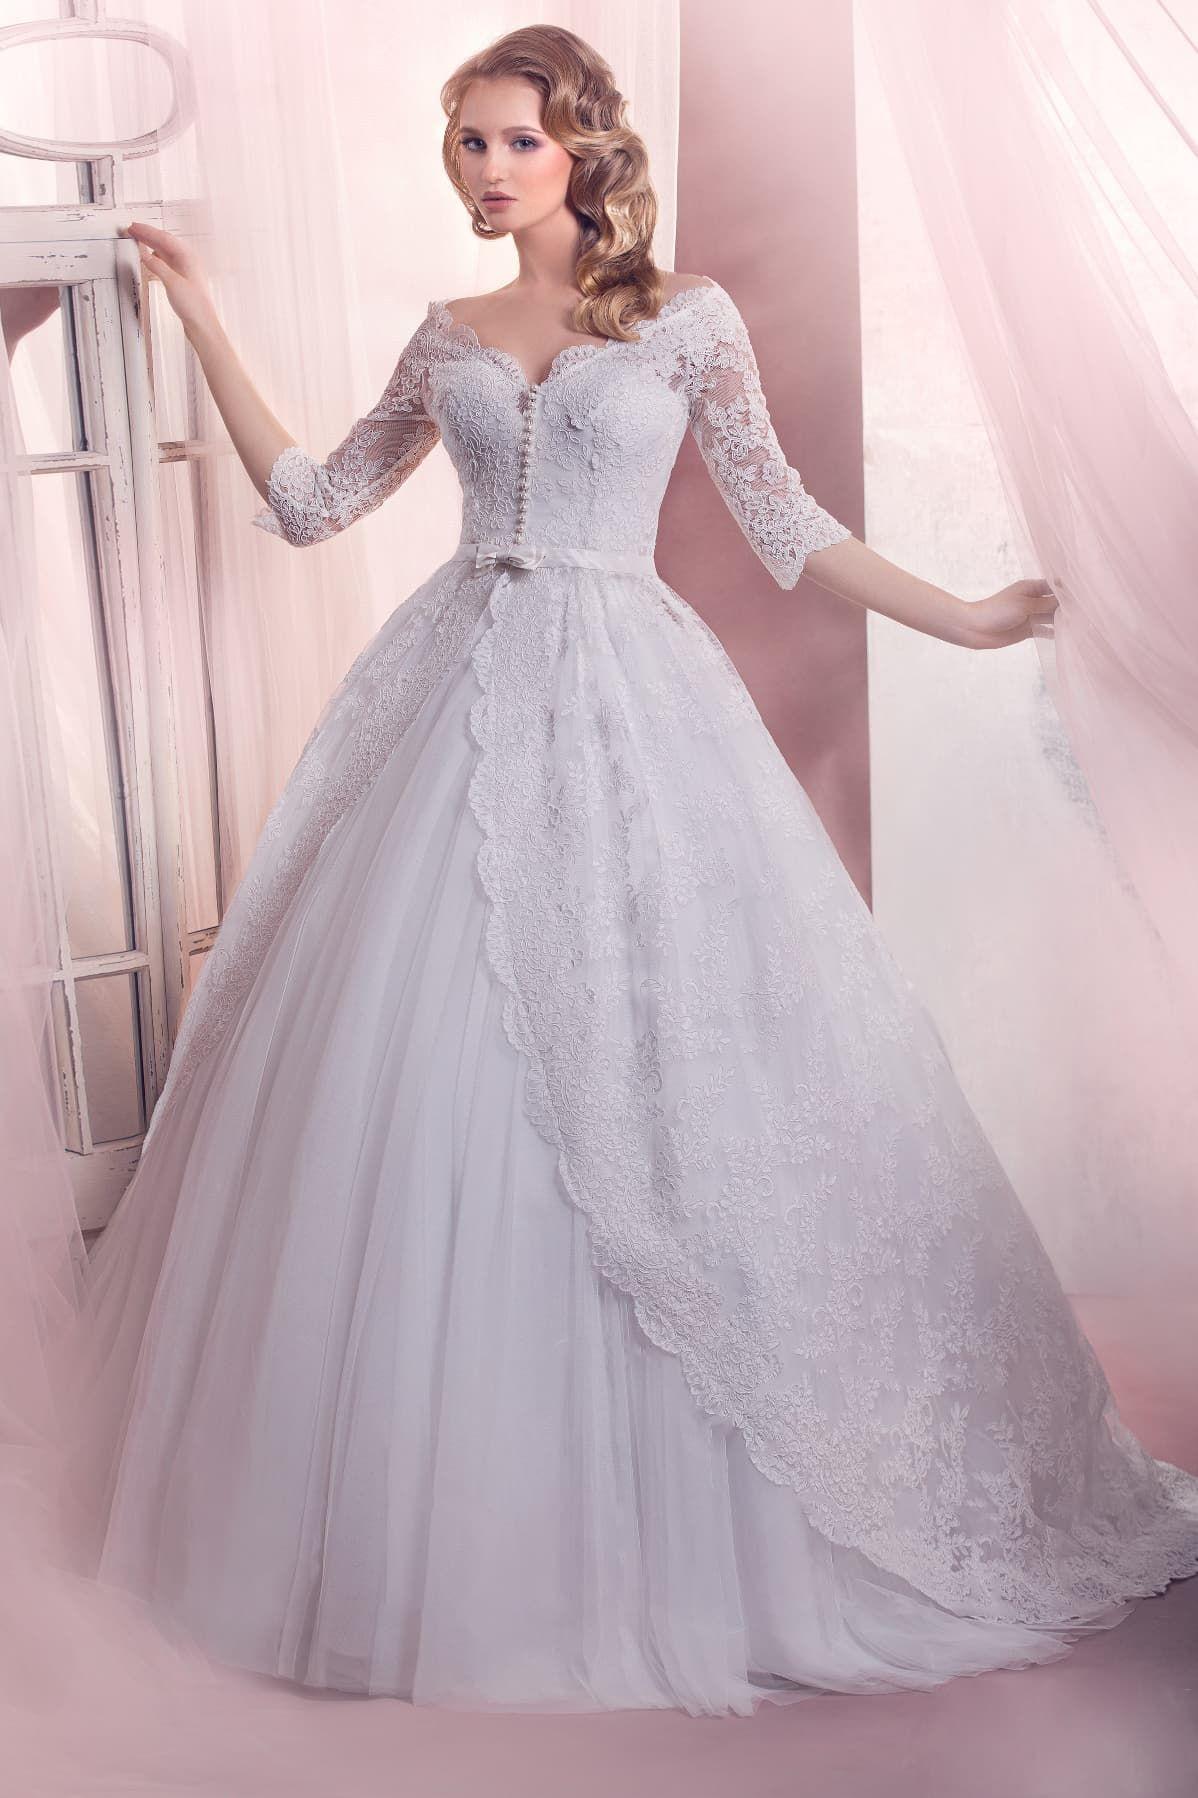 6c473e710aa Свадебное платье Gabbiano Либерти ▷ Свадебный Торговый Центр Вега в Москве